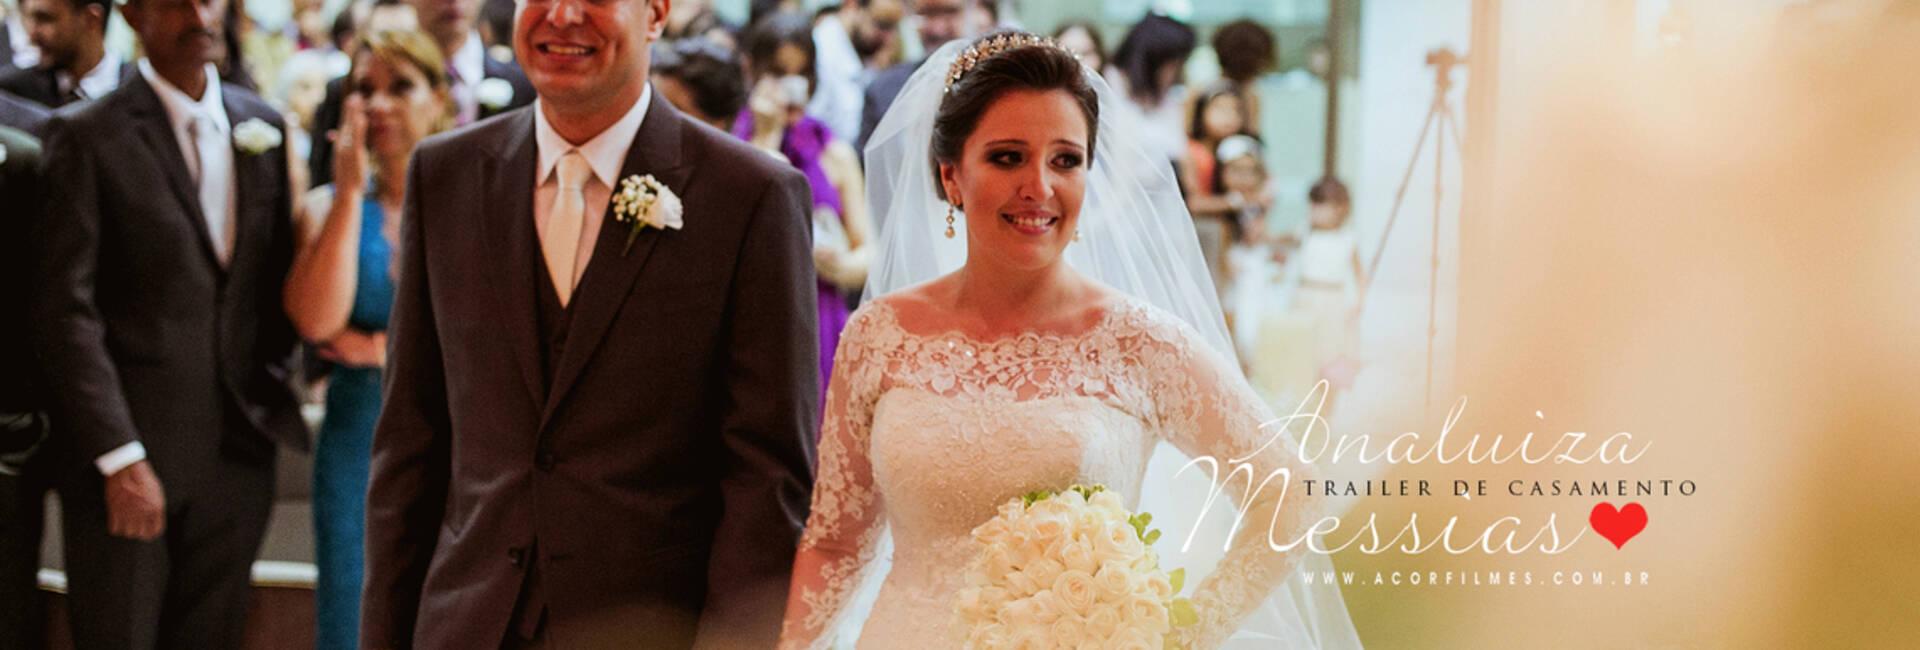 Trailer de Casamento de Analuiza e Messias